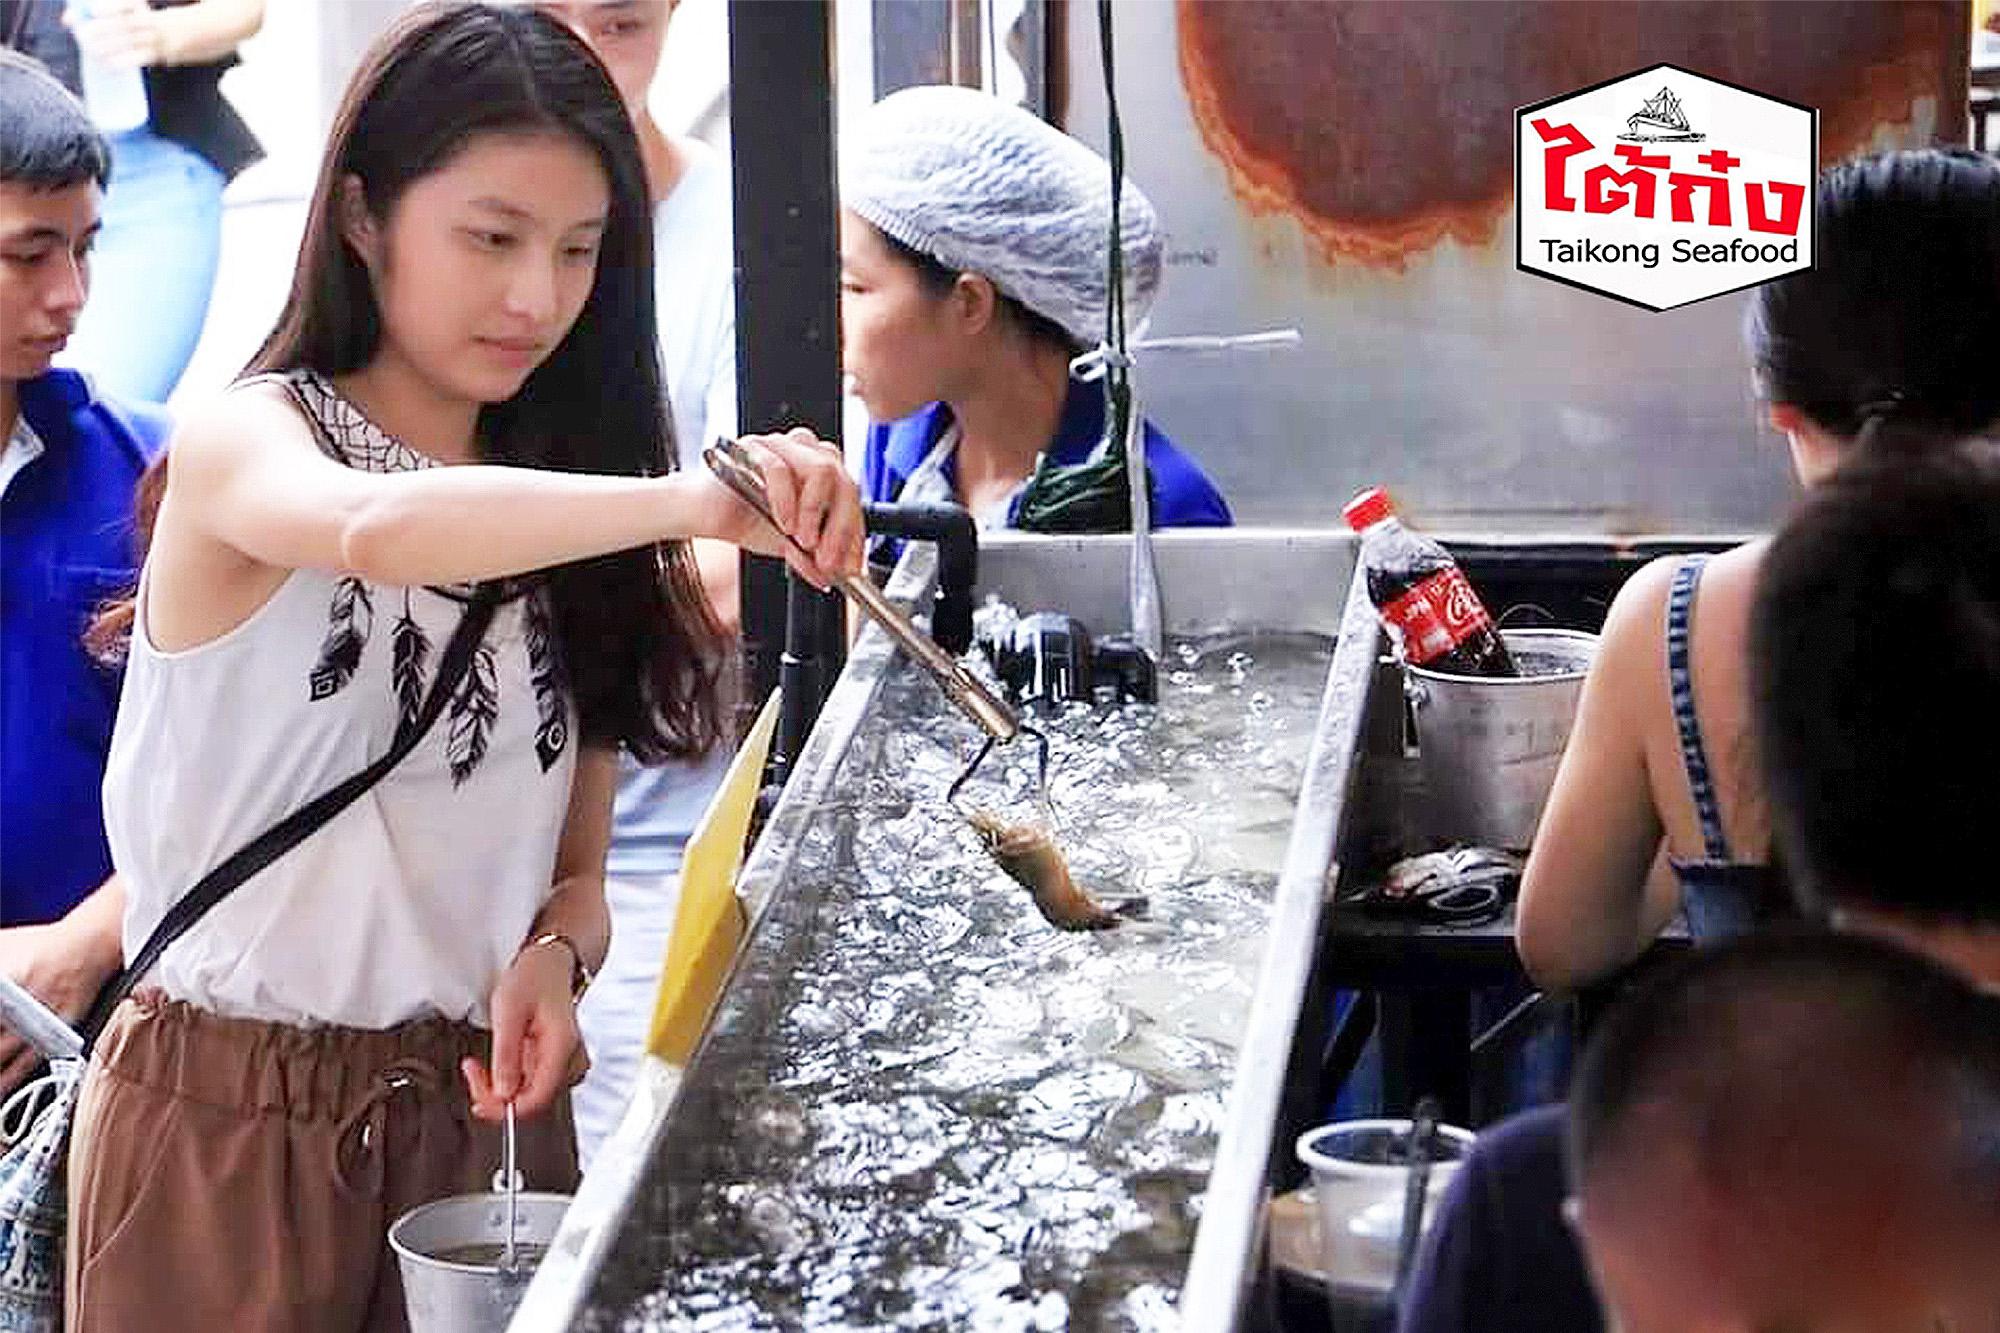 曼谷Taikong流水蝦海鮮餐廳,現撈泰國蝦新鮮美味。